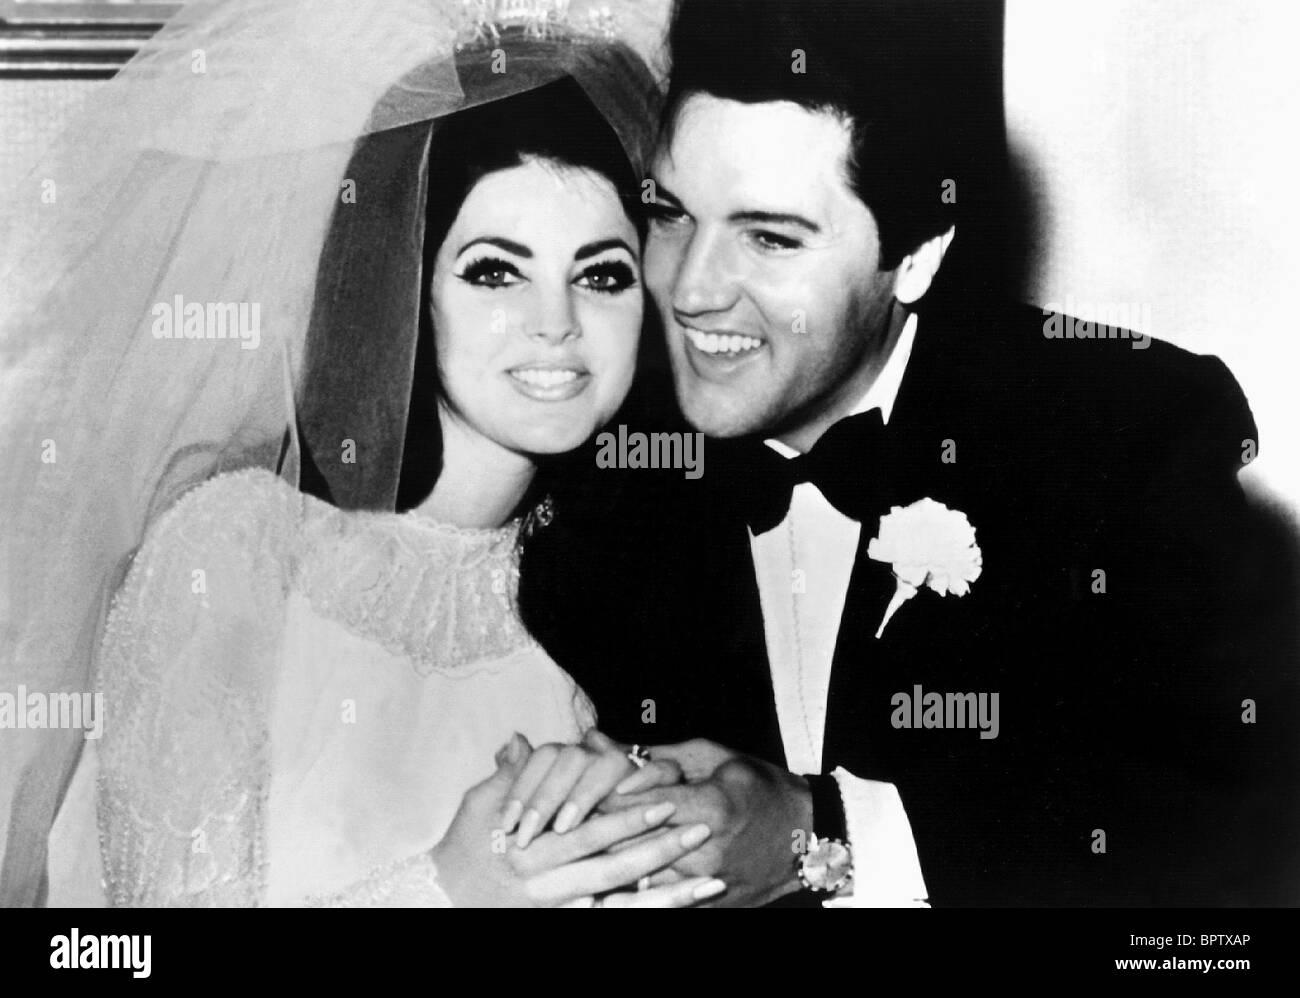 PRICILLA PRESLEY & ELVIS PRESLEY moglie e marito (1967) Immagini Stock